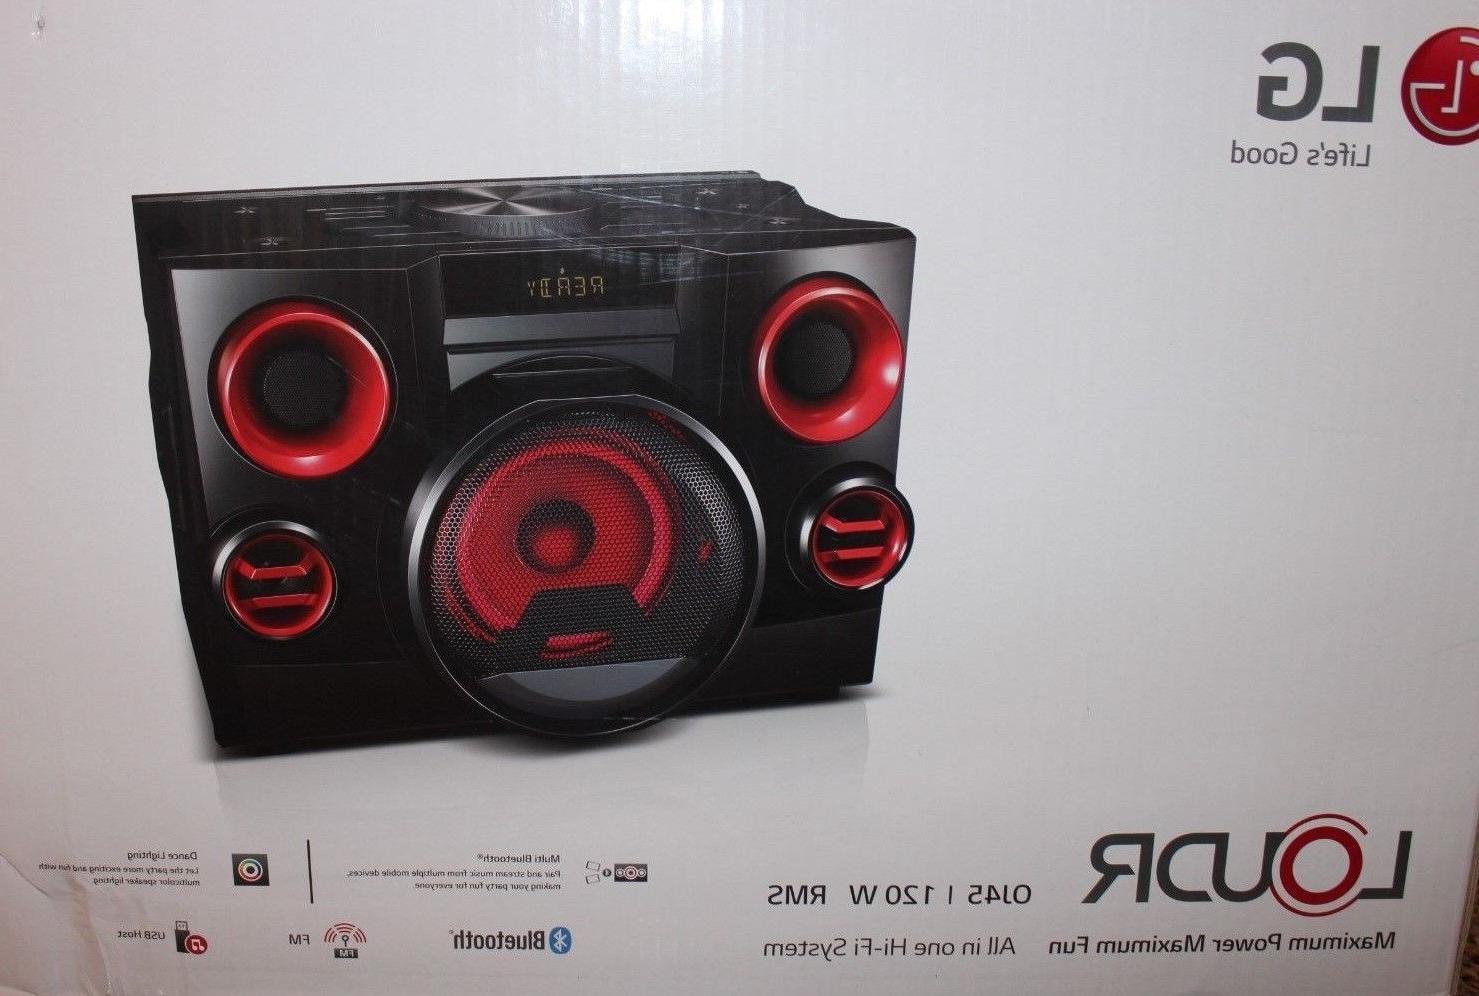 New LG - LOUDR OJ45 120W Bluetooth Wireless/CD/FM  Music Hi-